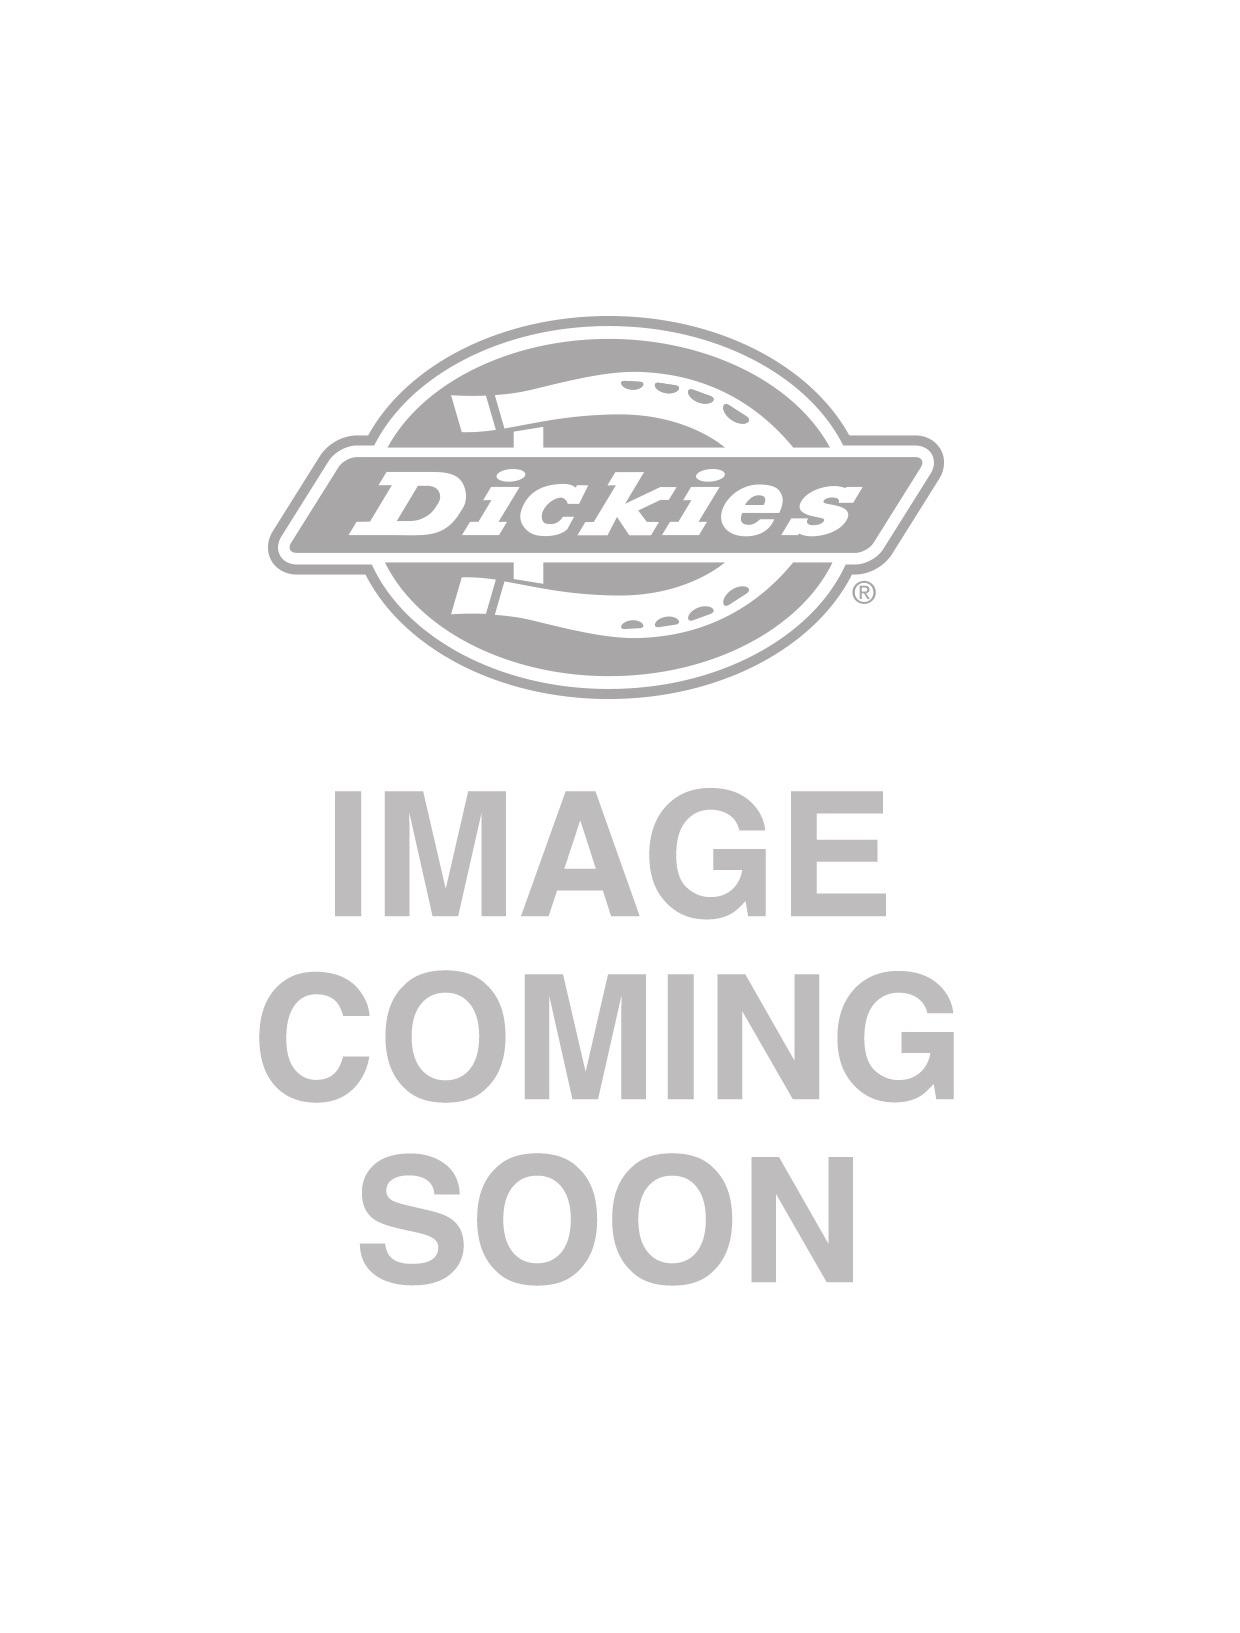 3d0229a37513c4 Dickies Yonkers Beanie Hat